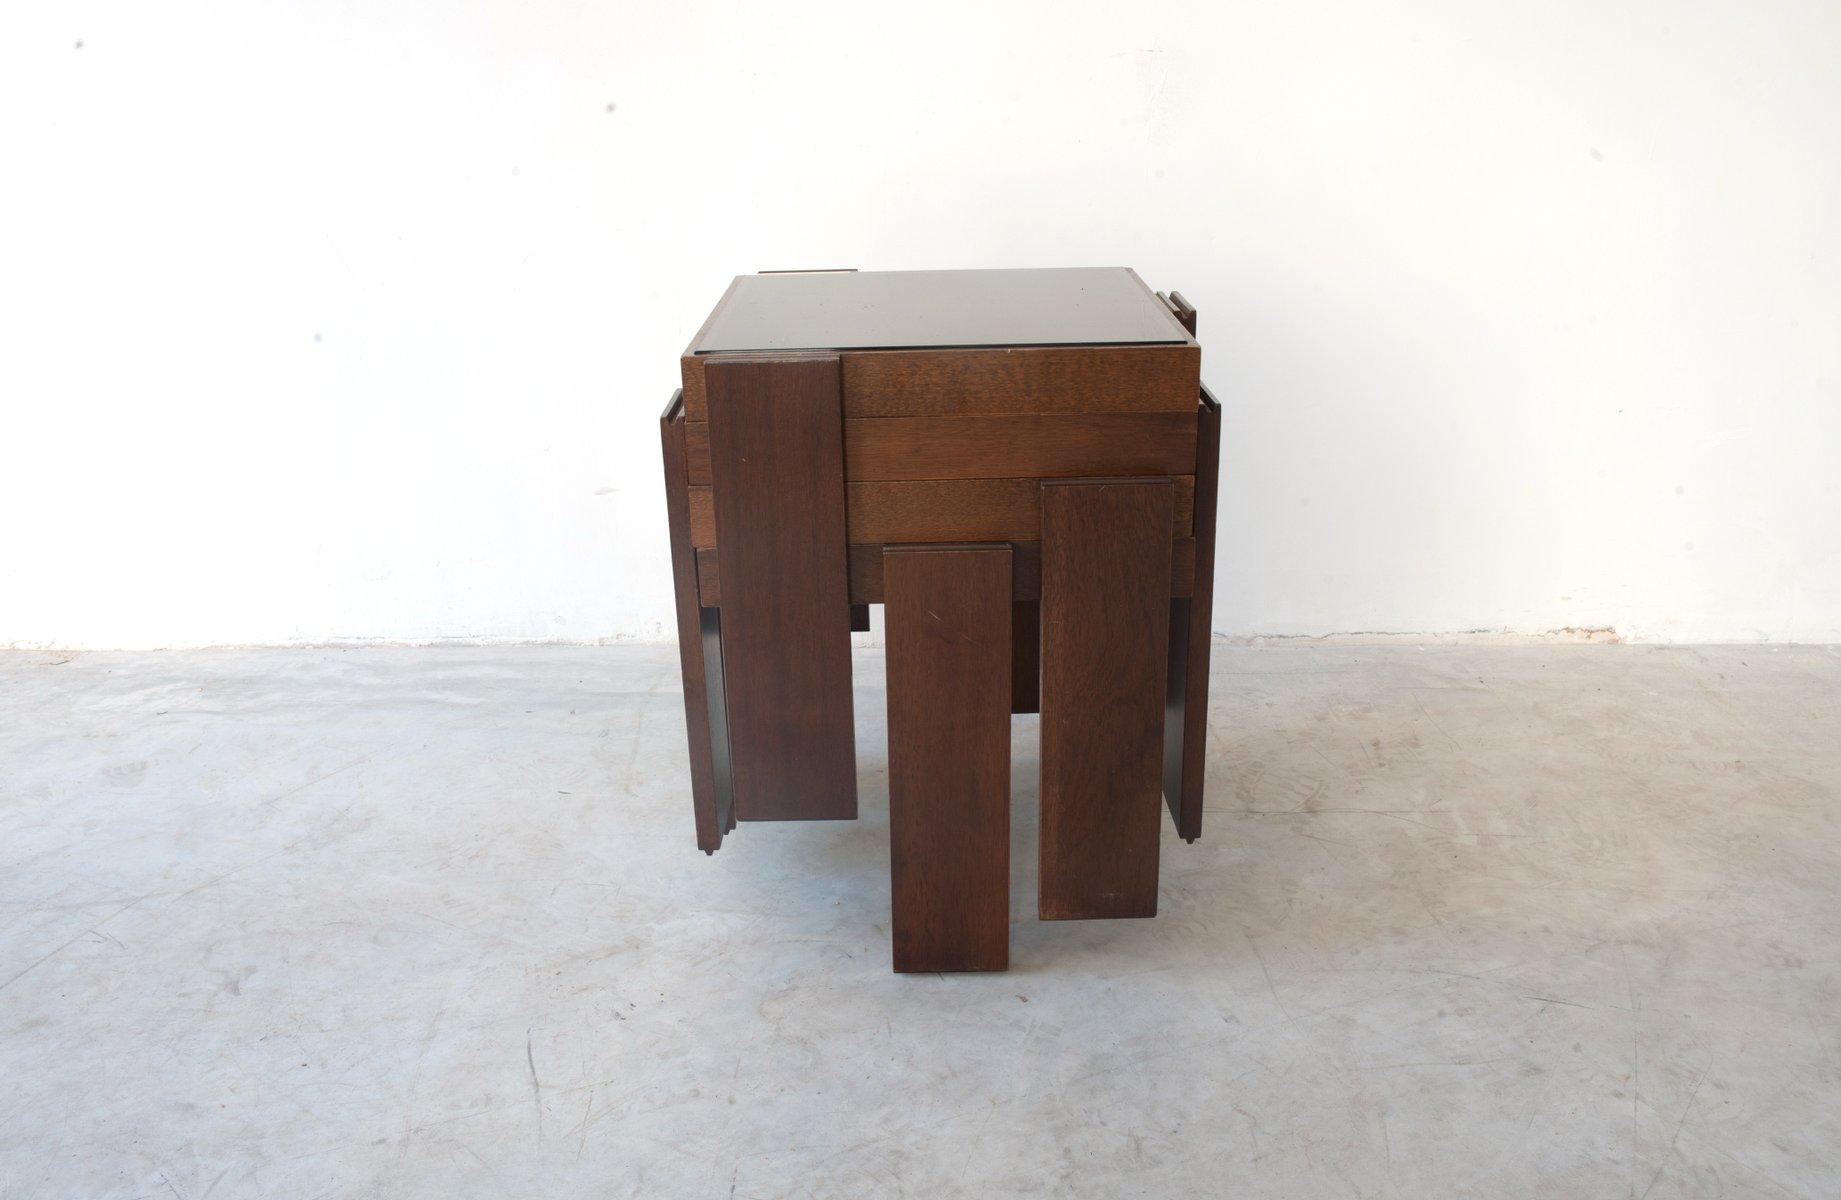 Tavolini Da Caffe Modulari Impilabili In Legno Massiccio Di Gianfranco Frattini Per Cassina 1965 Set Di 4 In Vendita Su Pamono